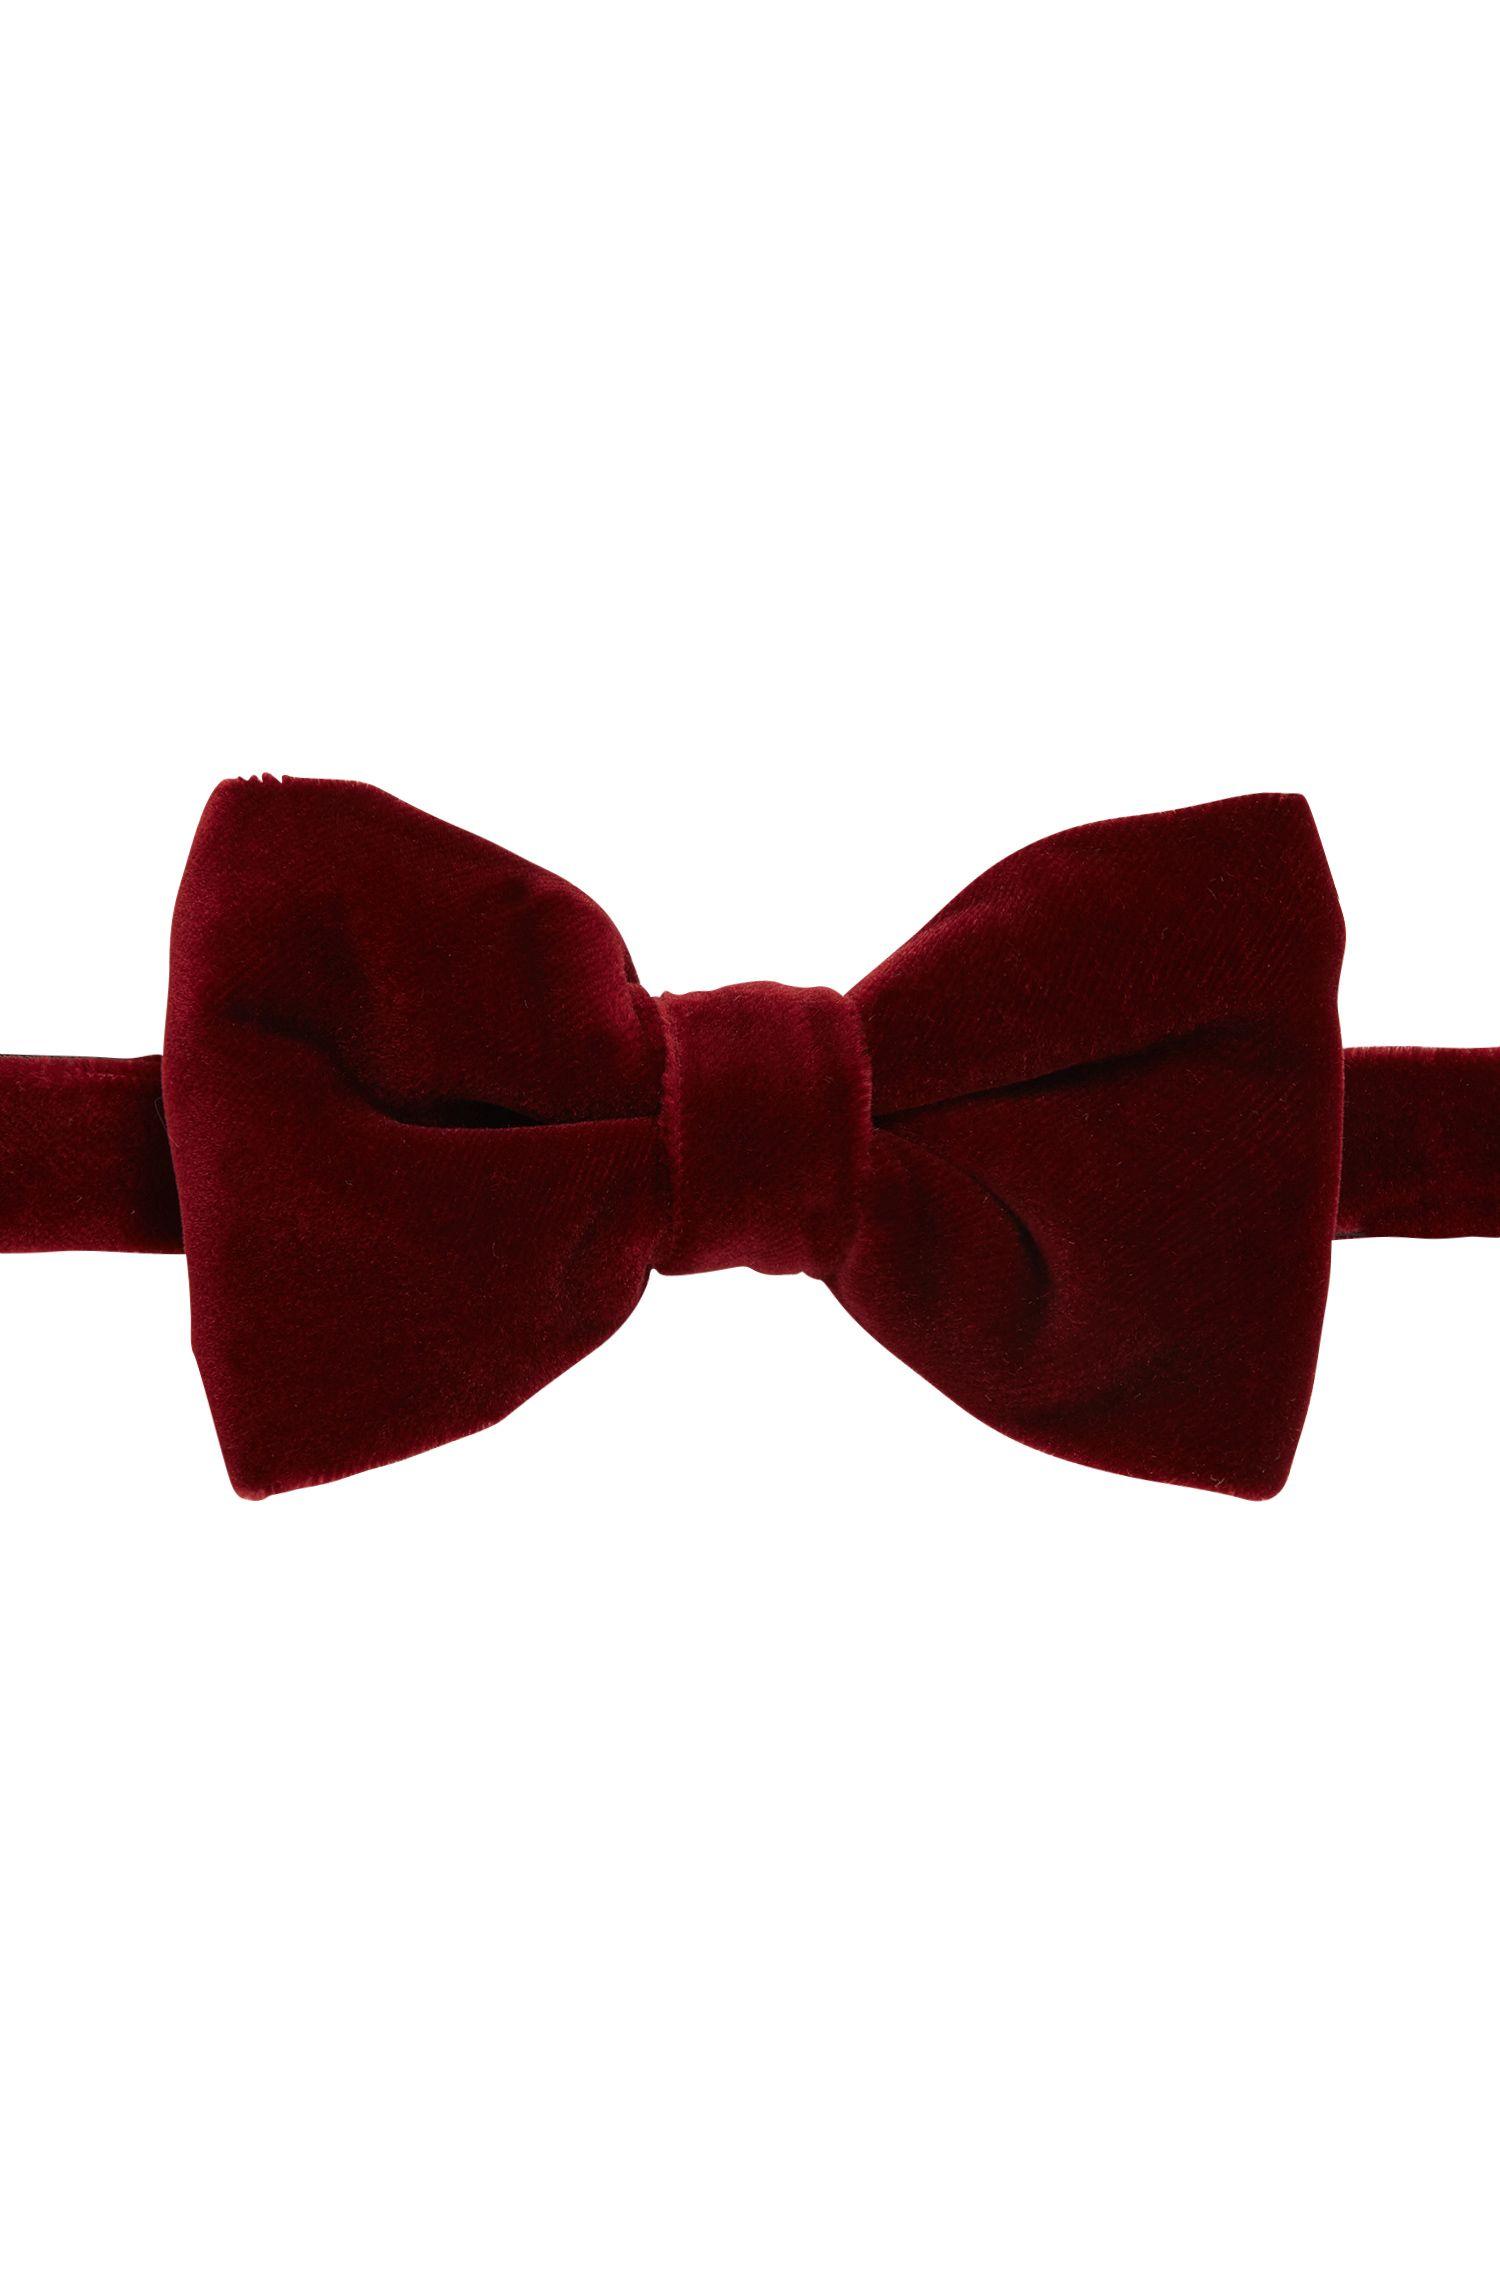 Velvet cotton bow tie